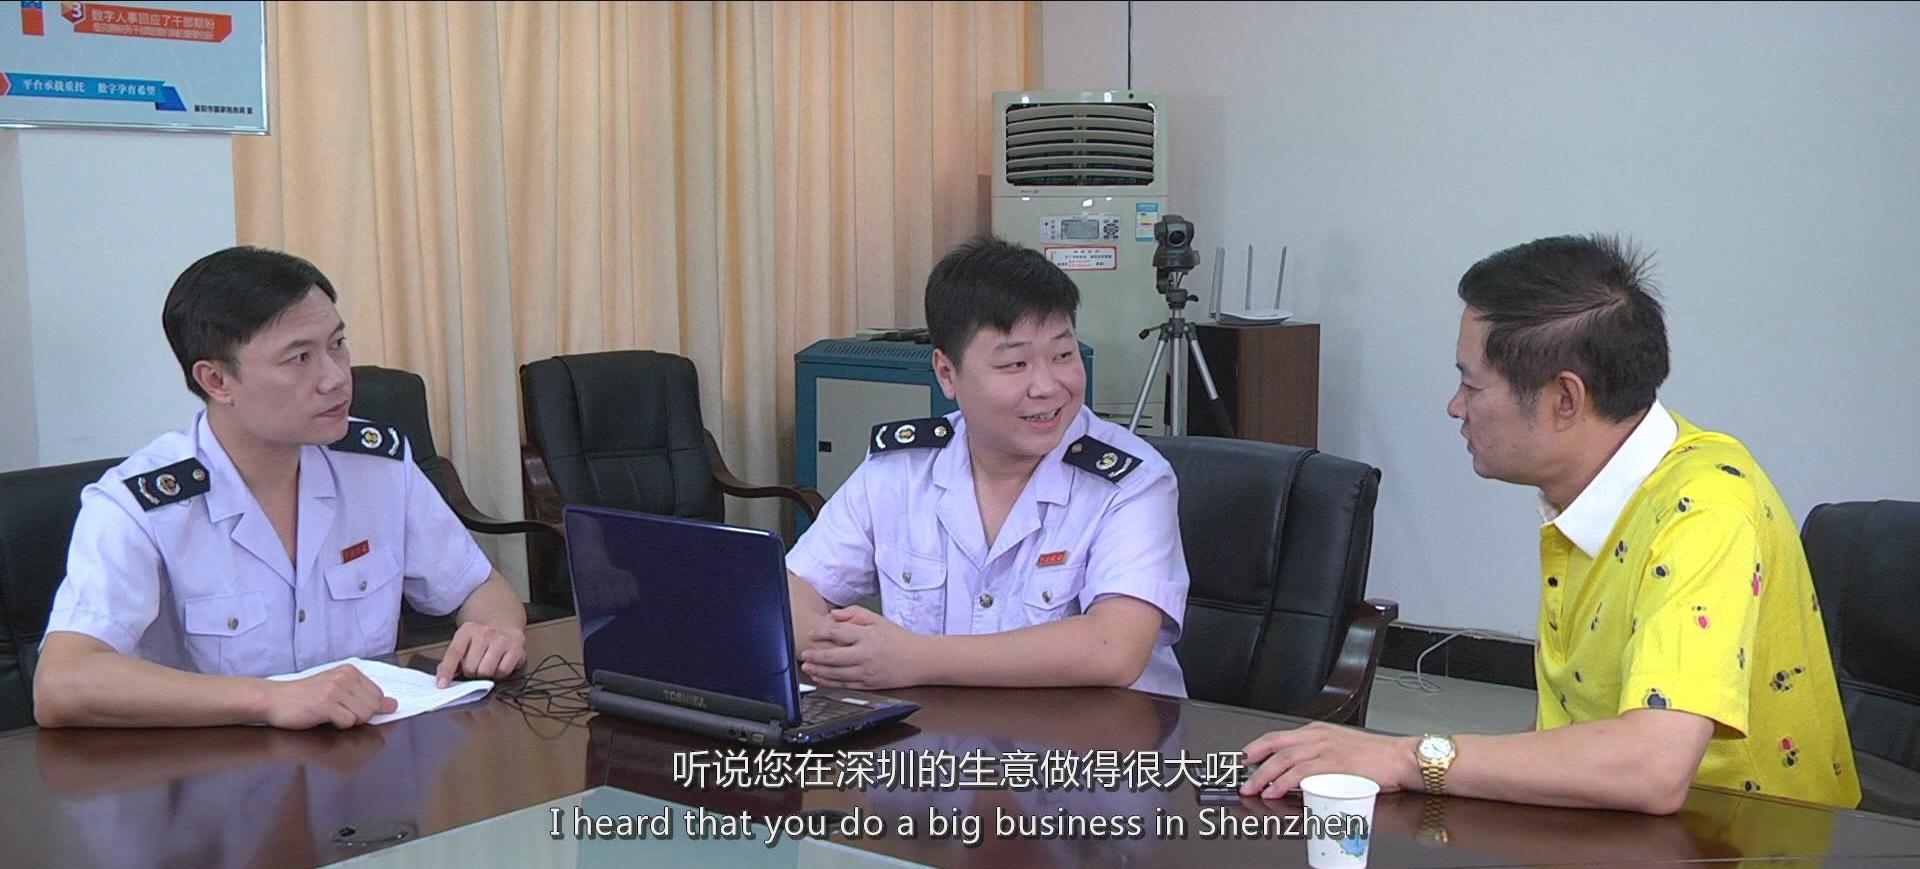 襄阳微电影,杨添财去污, 襄阳市税务局, 襄阳万笛,微电影摄制